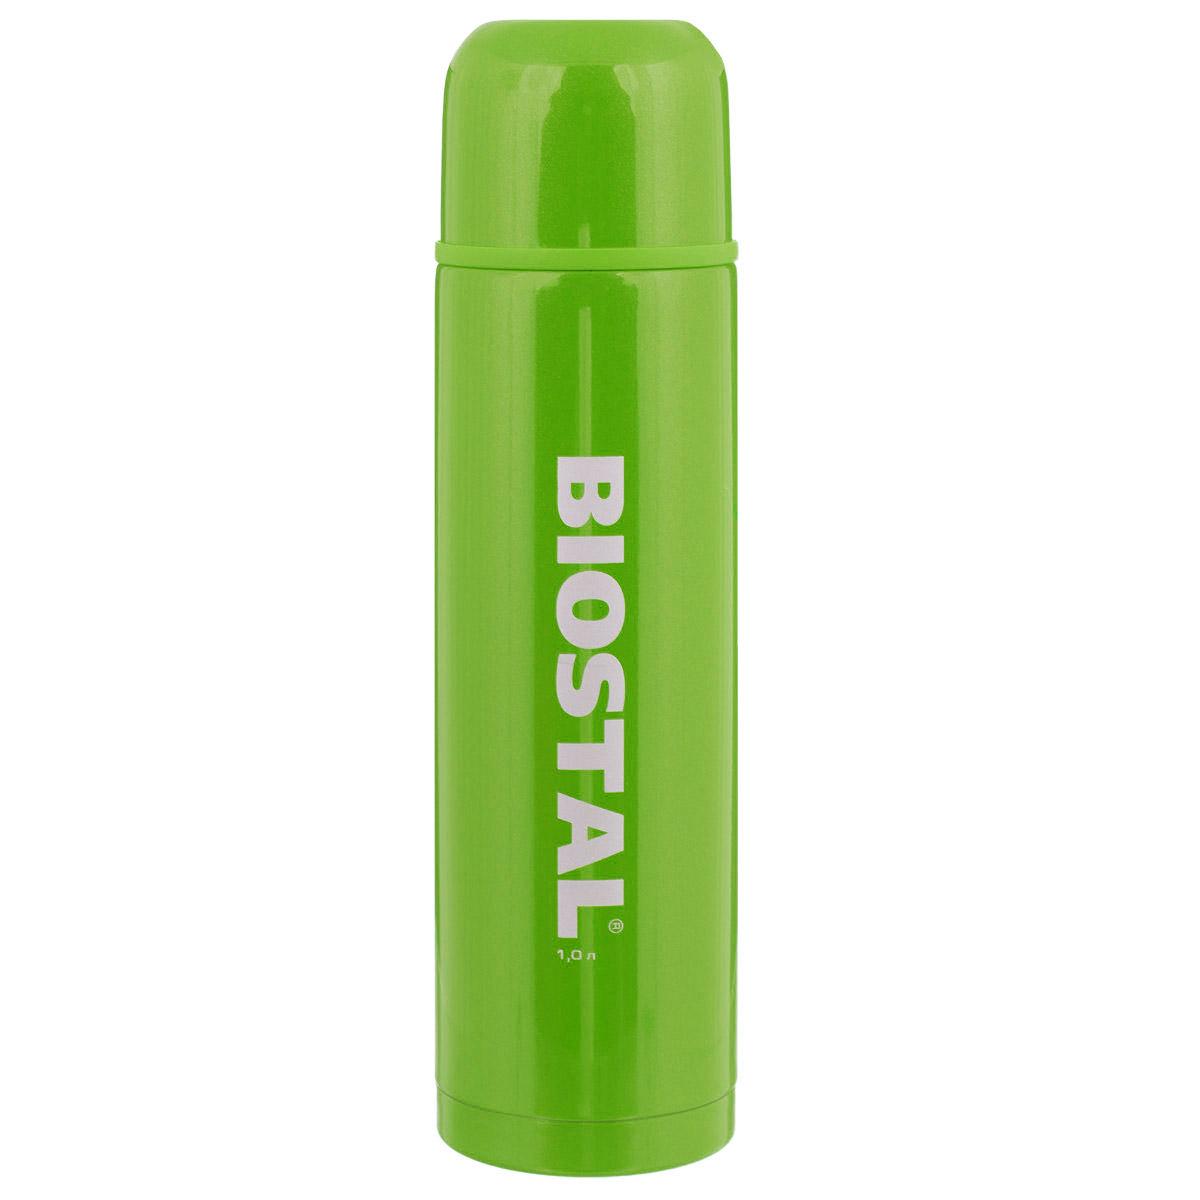 Термос BIOSTAL Fler, цвет: зеленый, 1 л. NB-1000С-GNB-1000С-GТермос с узким горлом BIOSTAL Fler, изготовленный из высококачественной нержавеющей стали, относится к классической серии. Термосы этой серии, являющейся лидером продаж, просты в использовании, экономичны и многофункциональны. Корпус покрыт защитным цветным лаком. Термос предназначен для хранения горячих и холодных напитков (чая, кофе) и укомплектован пробкой с кнопкой. Такая пробка удобна в использовании и позволяет, не отвинчивая ее, наливать напитки после простого нажатия. Изделие также оснащено крышкой. Легкий и прочный термос BIOSTAL Fler сохранит ваши напитки горячими или холодными надолго.